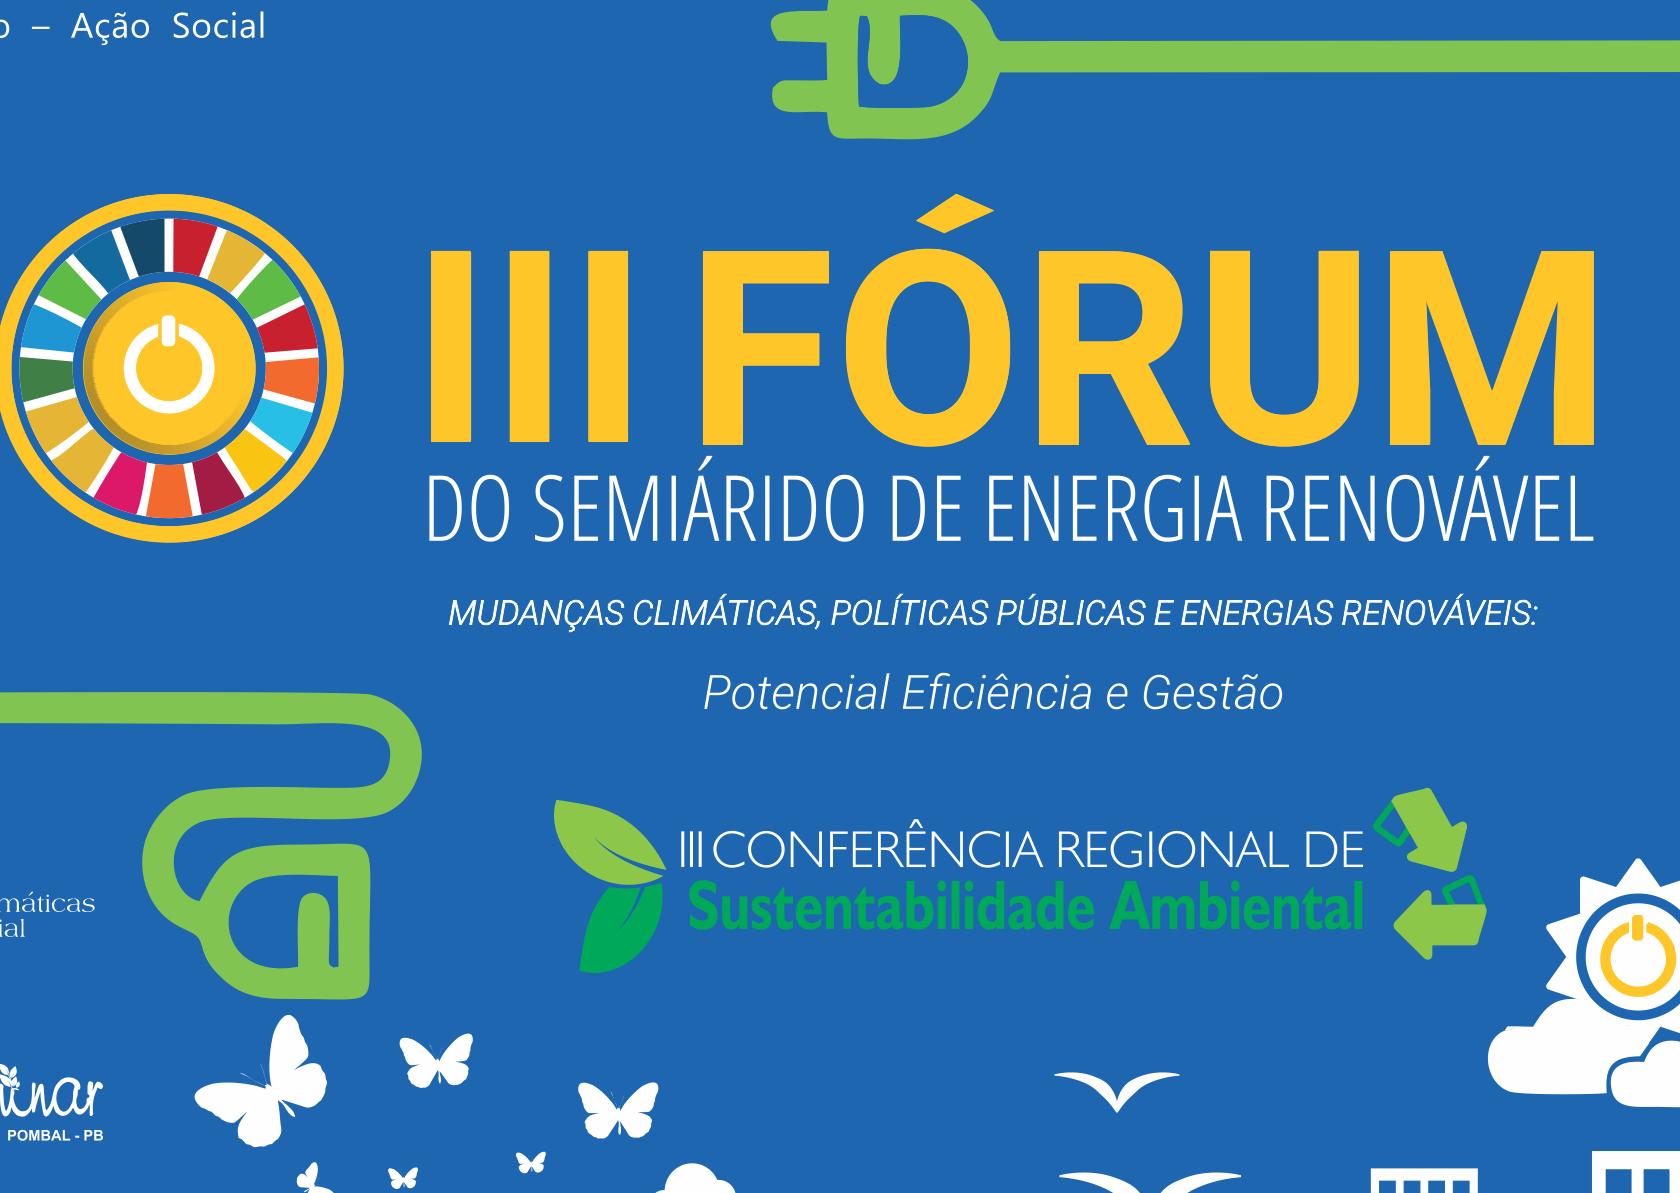 EM PATOS, CERSA REALIZA III FÓRUM DO SEMIÁRIDO DE ENERGIA SOLAR